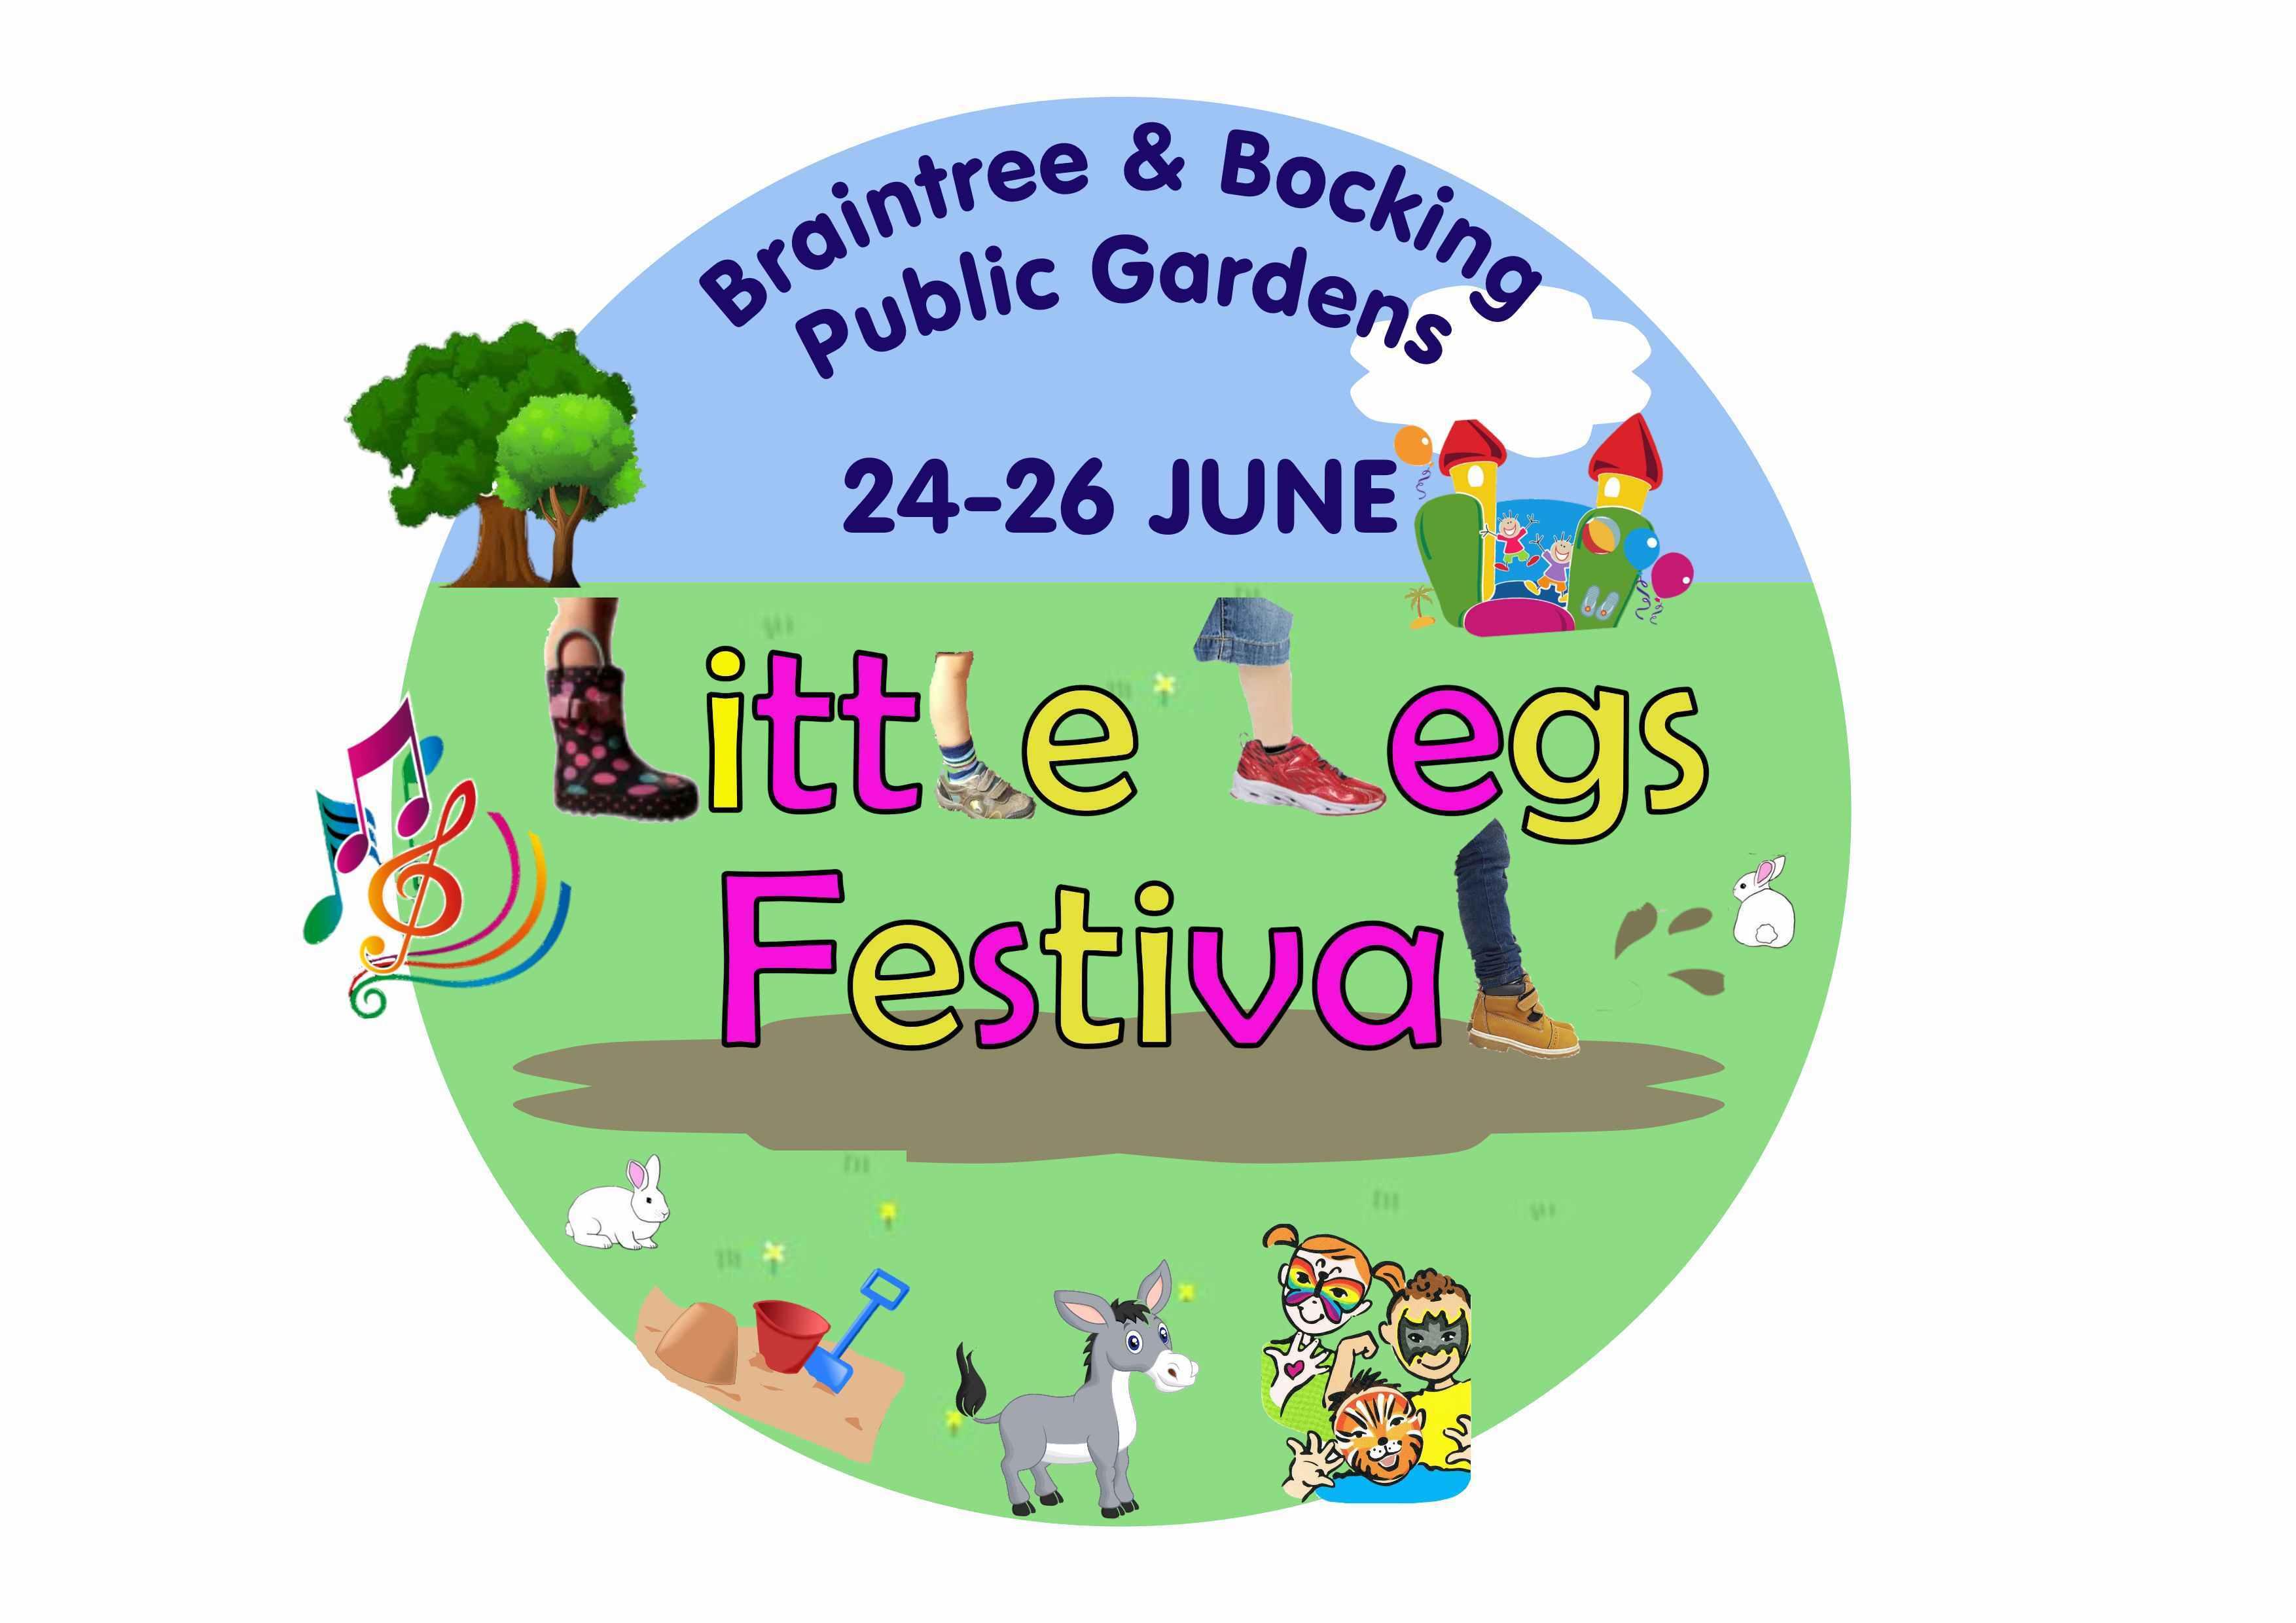 Little Legs Pre-School Festival 24-26 June 00259